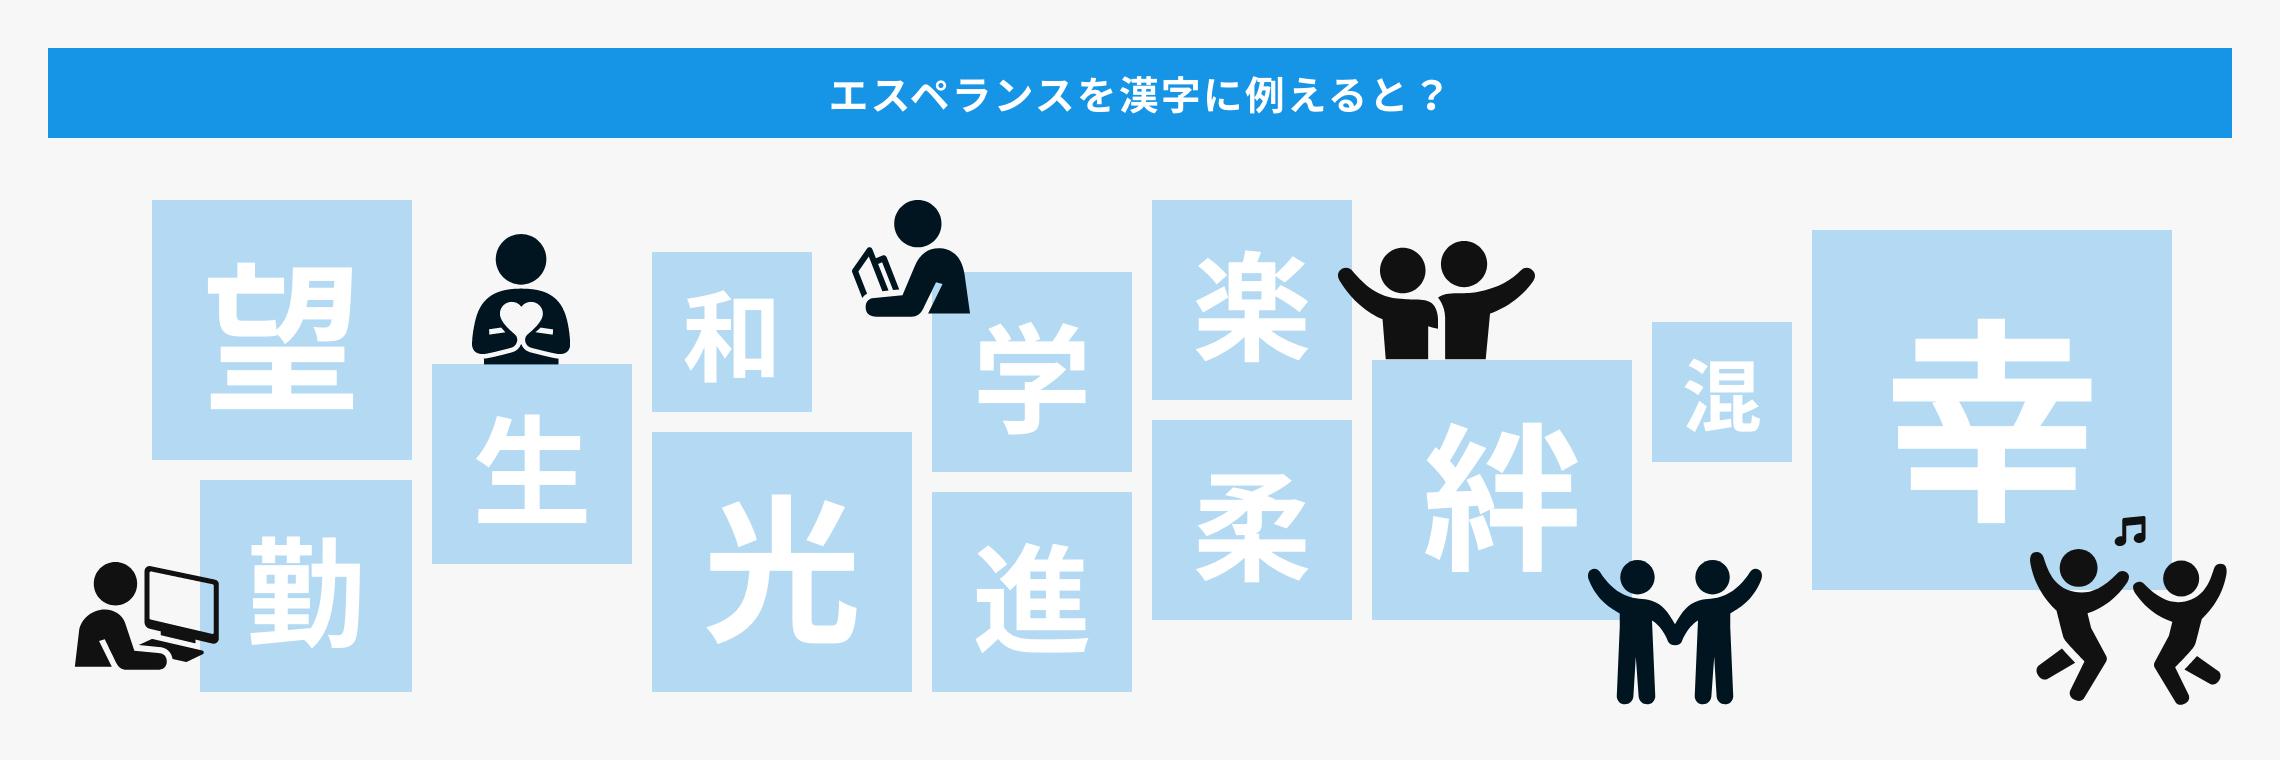 エスペランスを漢字に例えると?